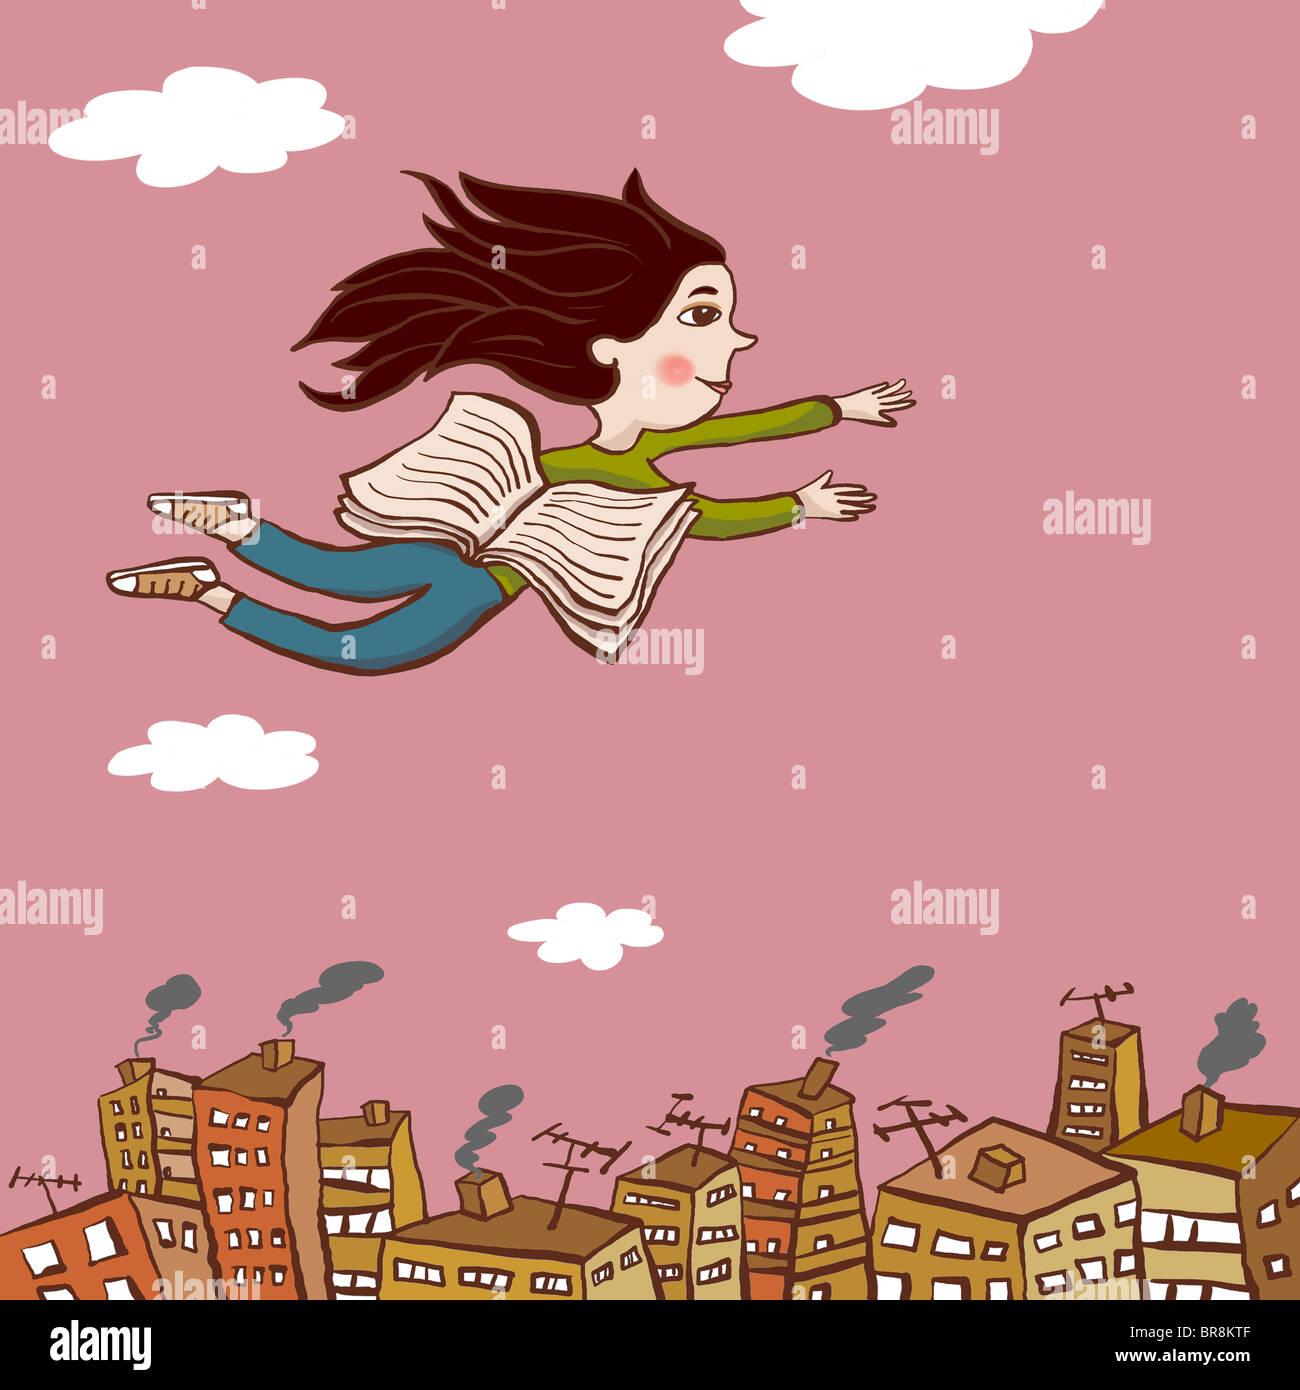 Eine Zeichnung eines jungen Mädchens, das über eine Stadt mit den Seiten eines Buches als Flügel Stockbild